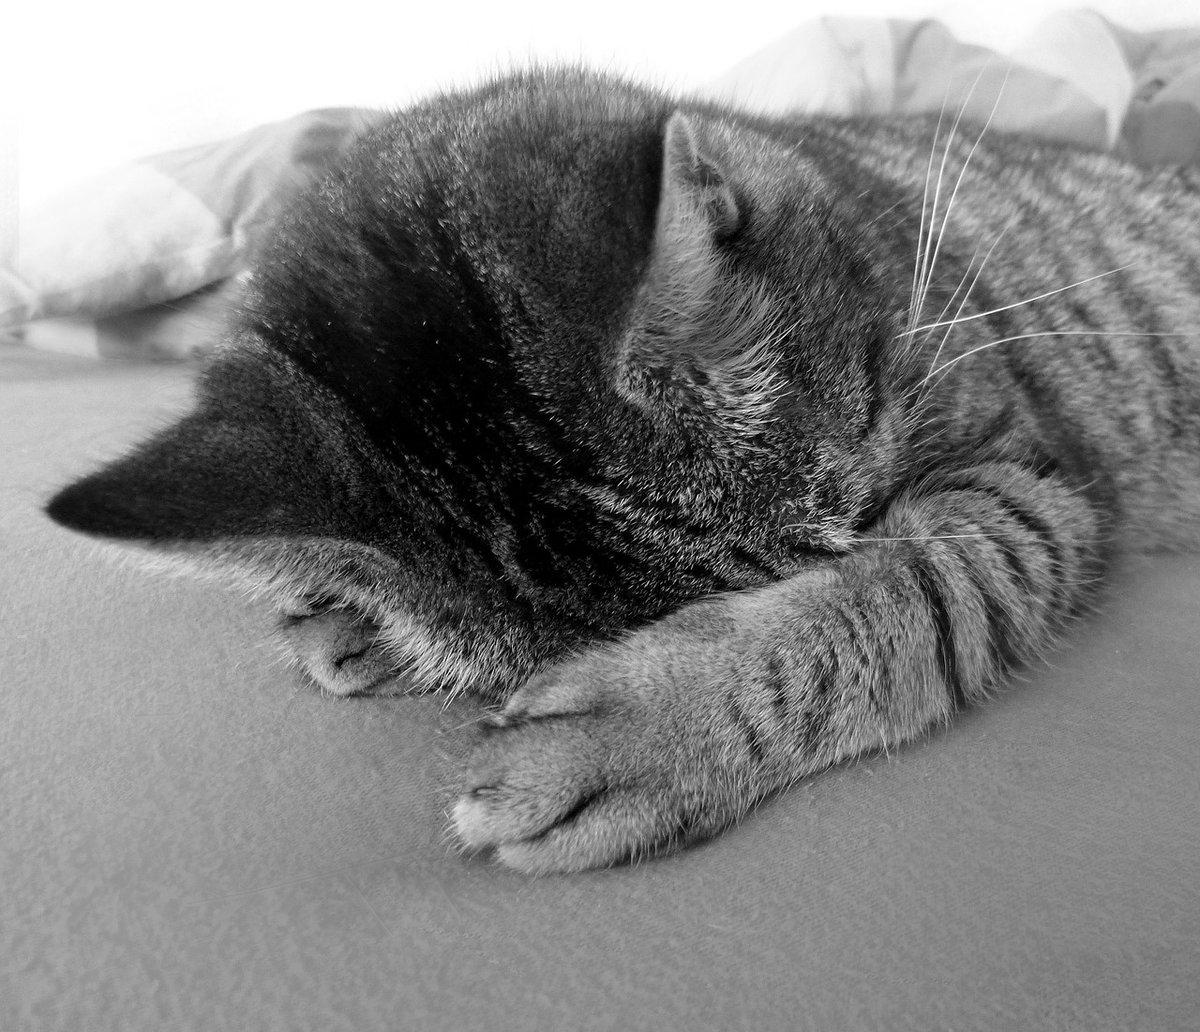 депрессивные коты фото очень любит пешие